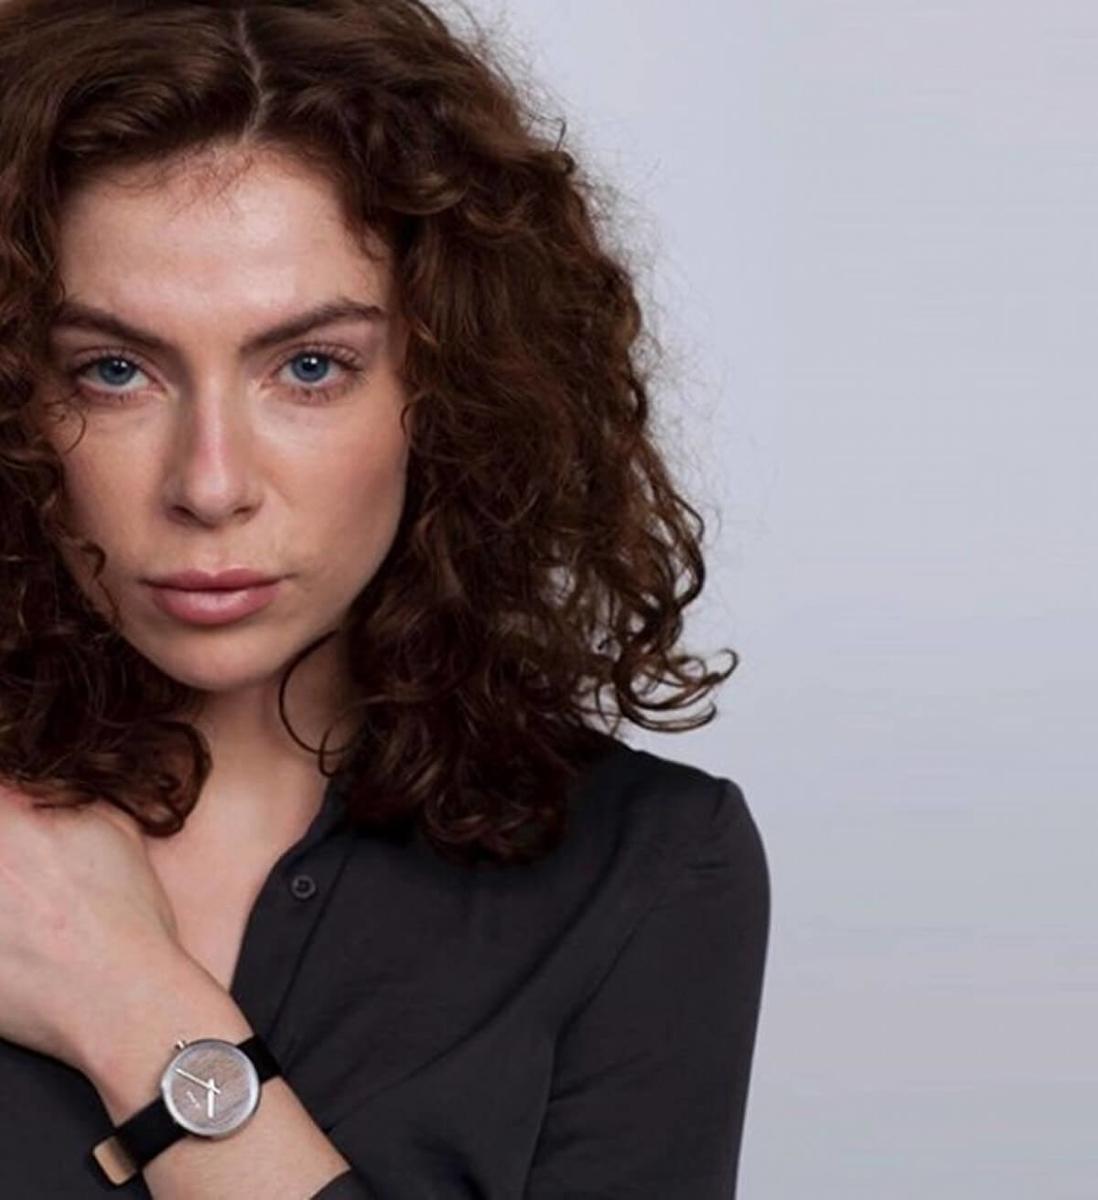 VEJRHOJ(ヴェアホイ)腕時計を使うメリット